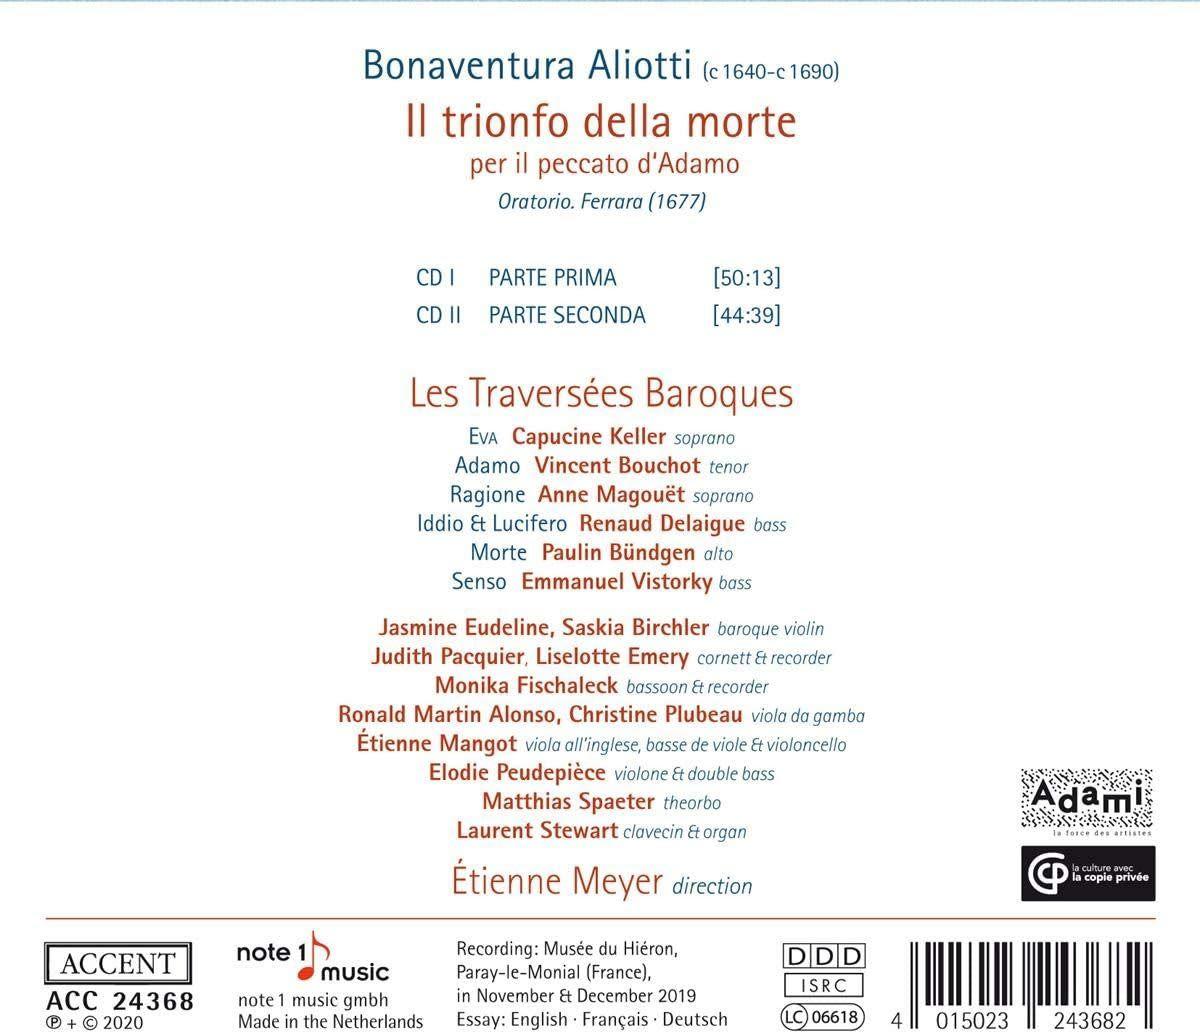 Photo No.2 of Bonaventura Aliotti: Il Trionfo Della Morte Oratorio (1677)